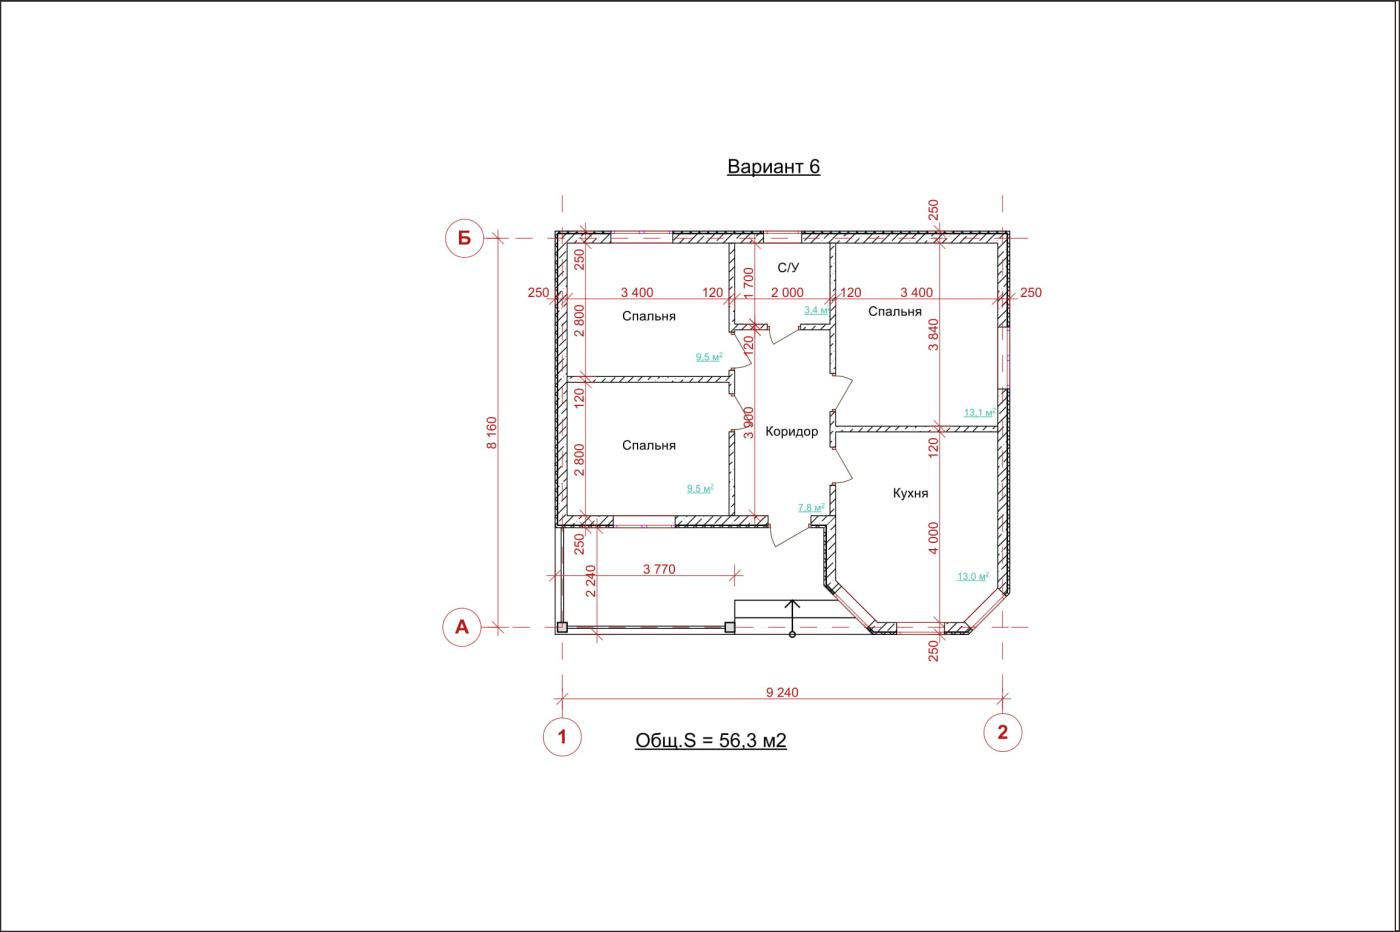 Одноэтажный дом с террасой. НД.056-8